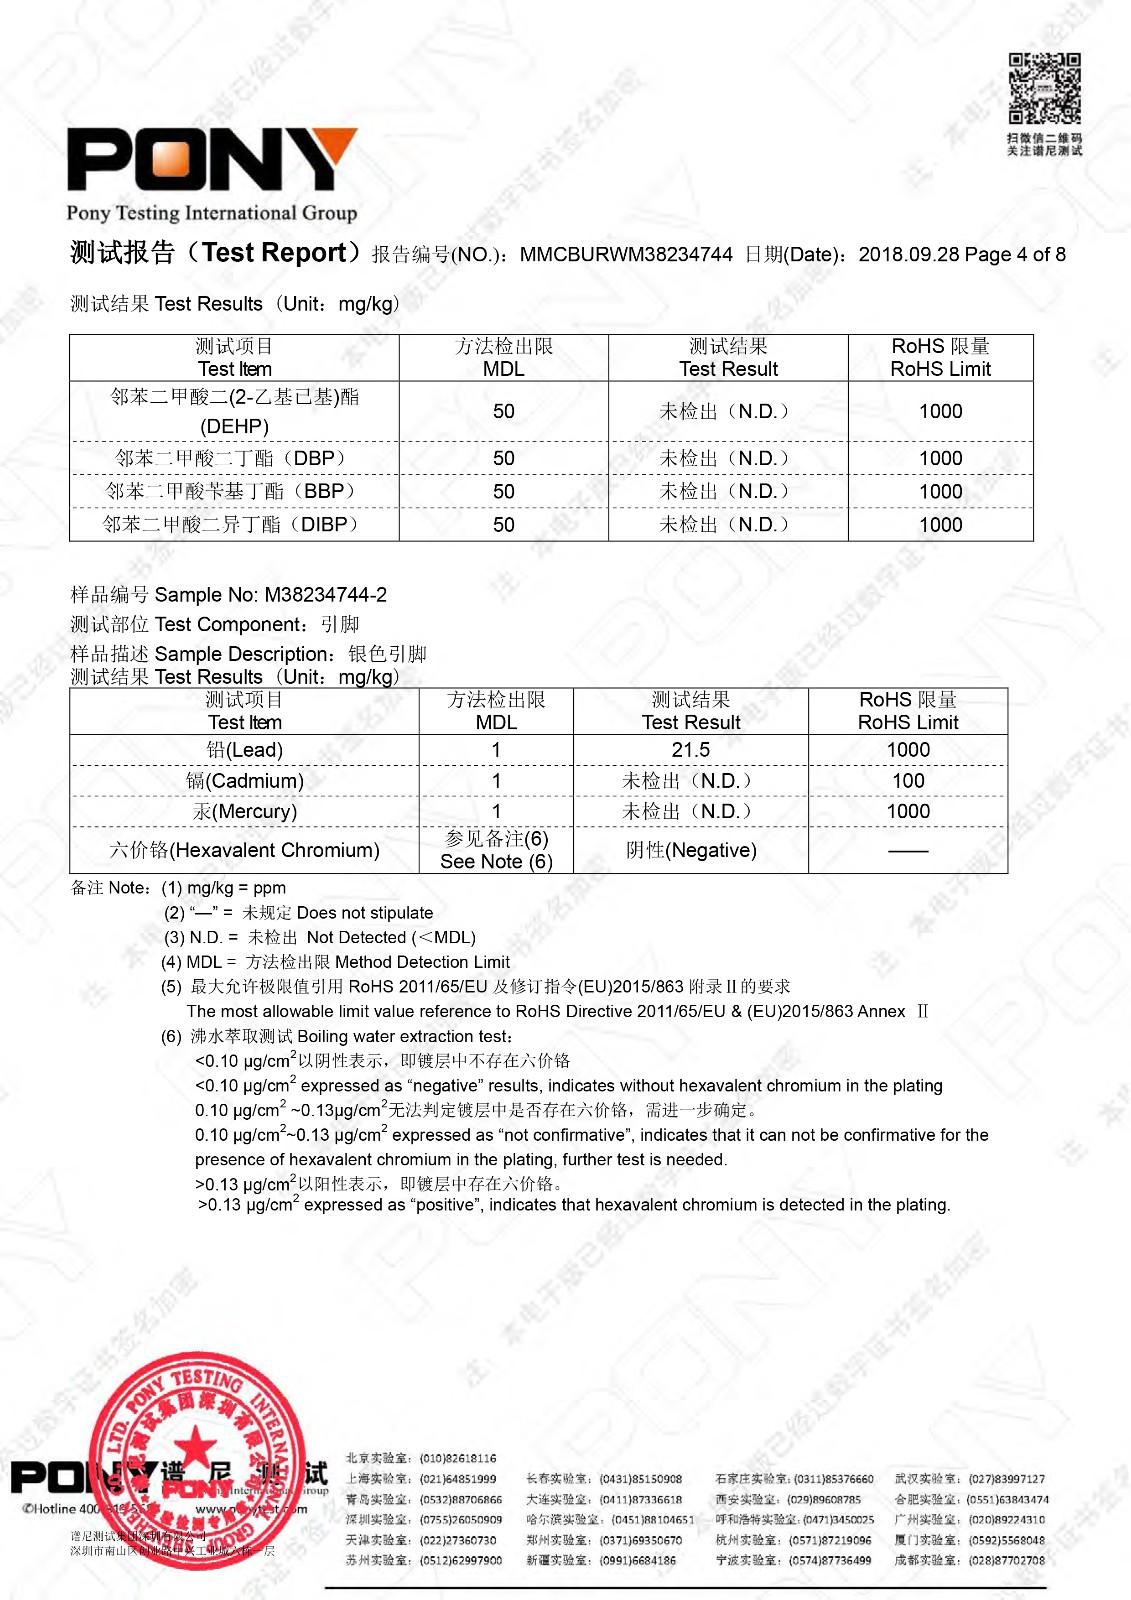 2018.11低壓瓷介電容 ROHS 2.0 六項+四項鄰苯